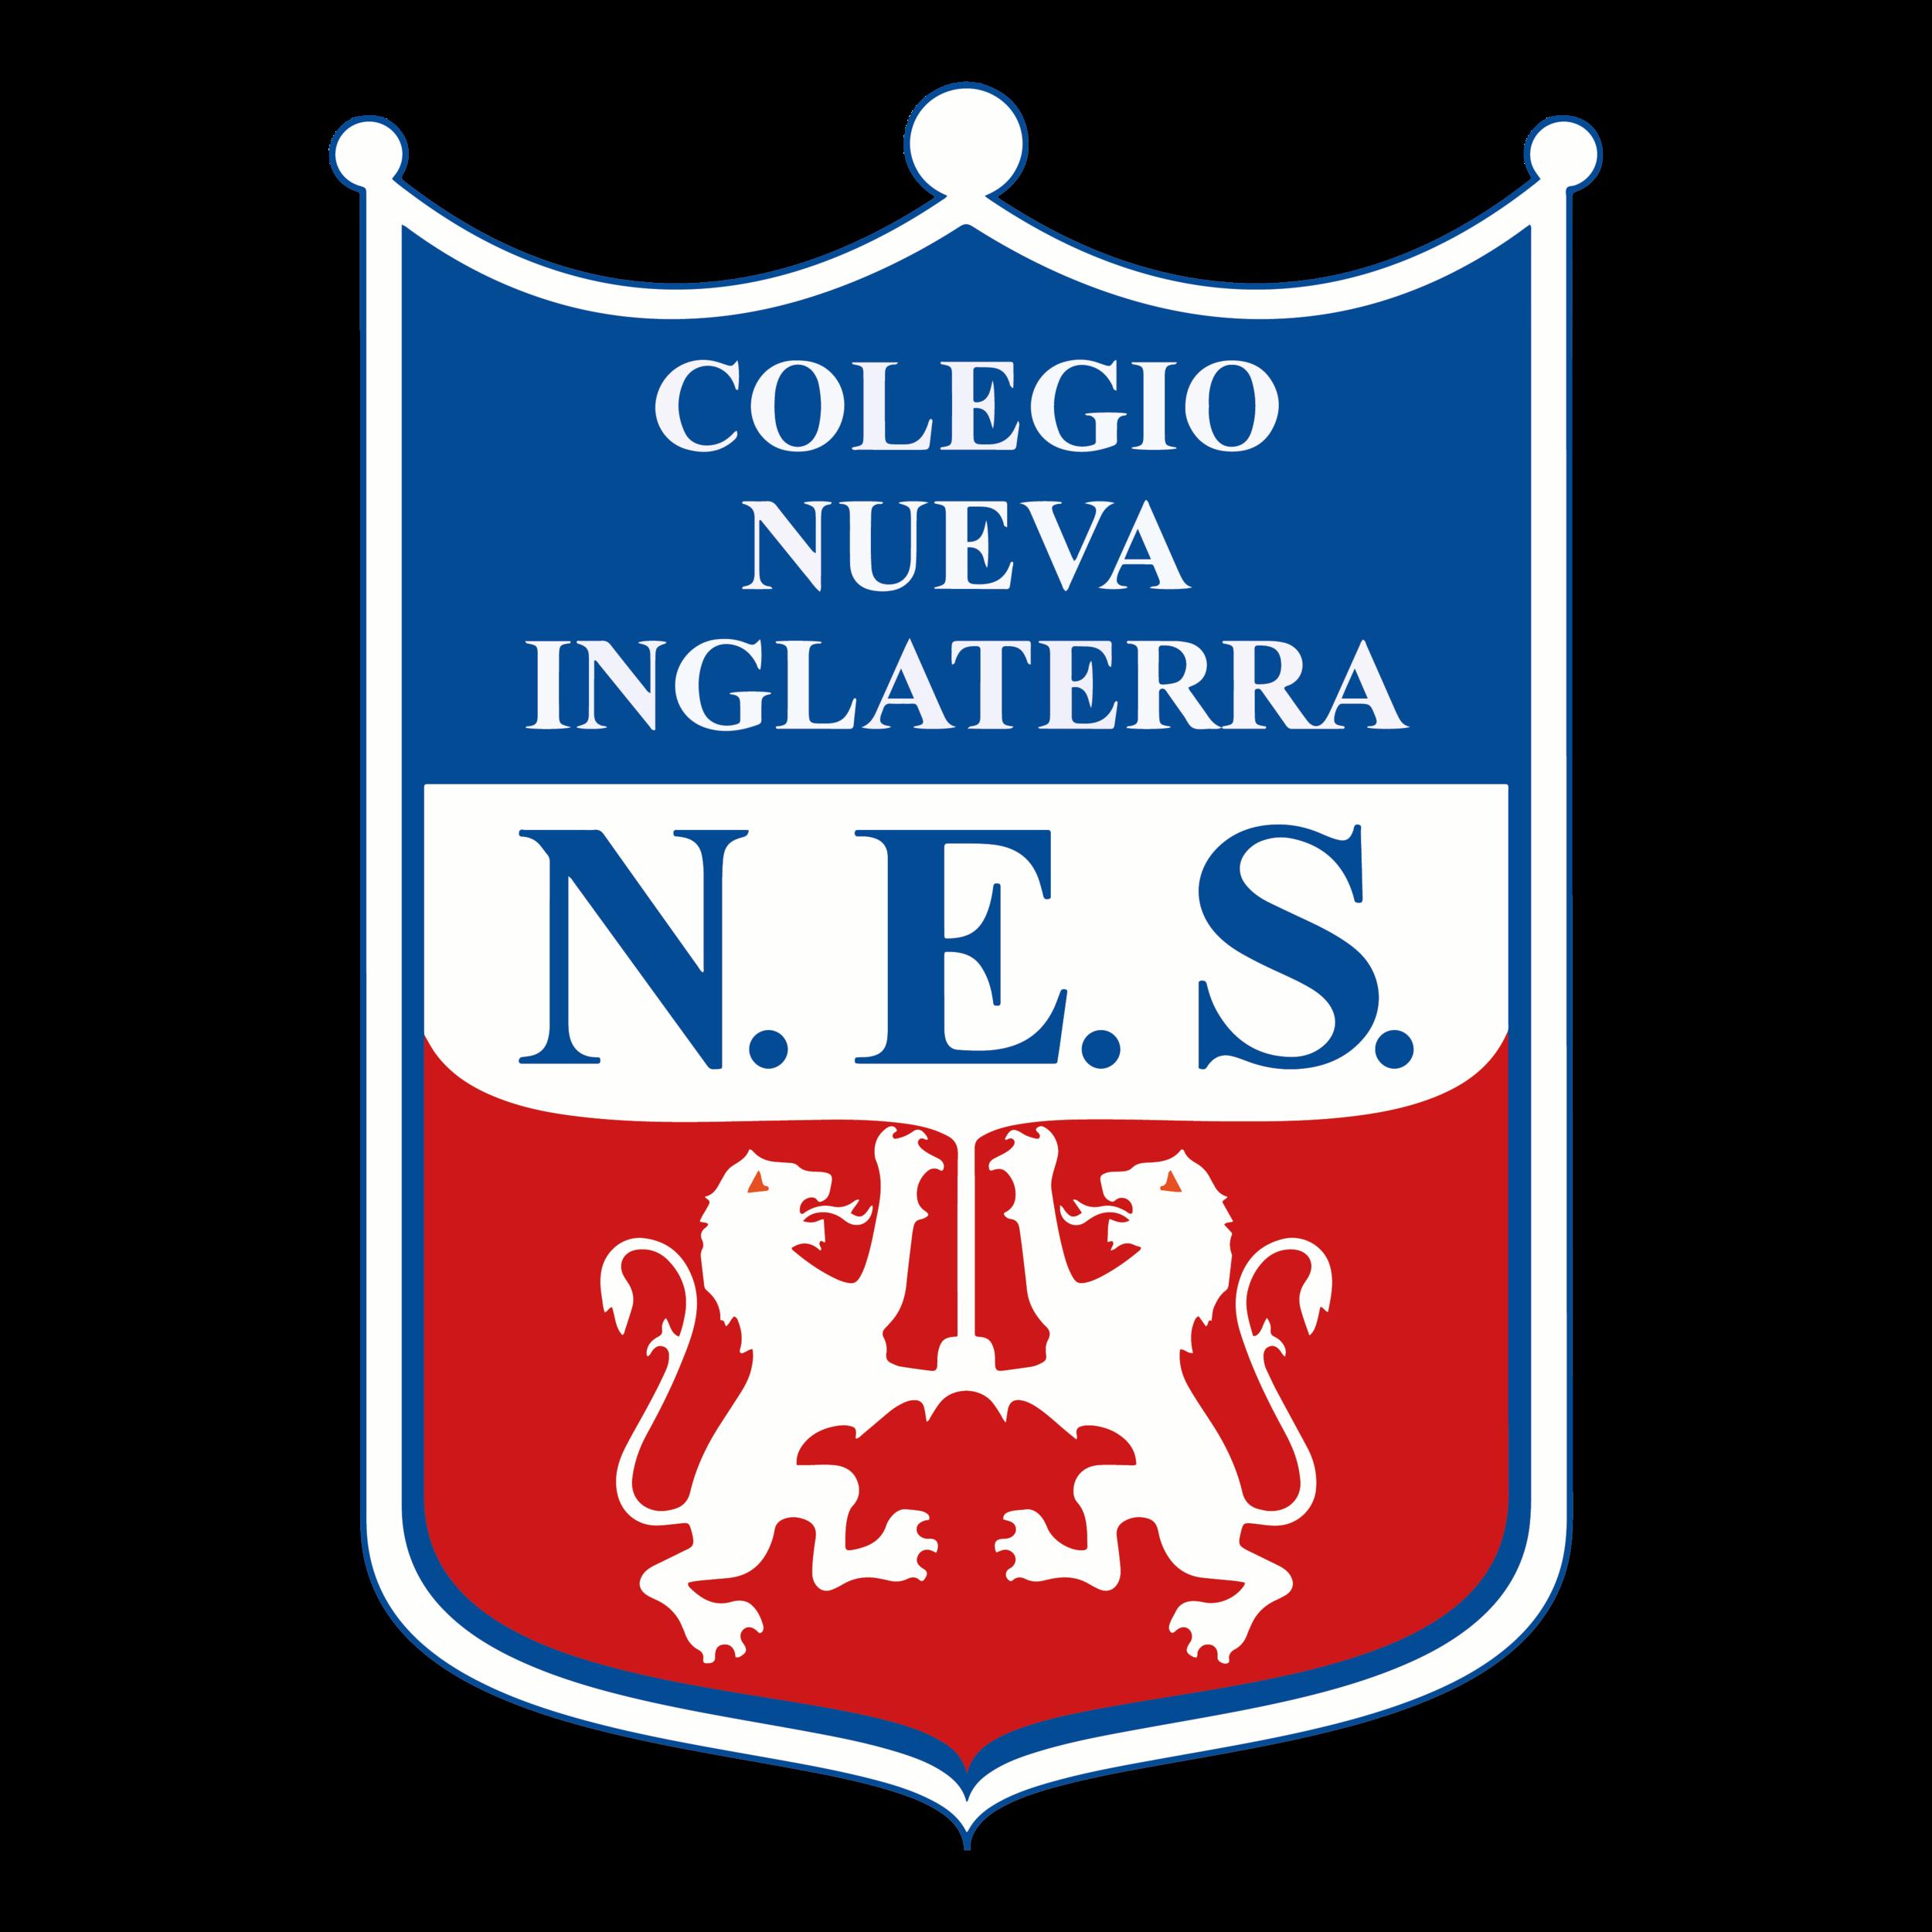 Colegio Nueva Inglaterra